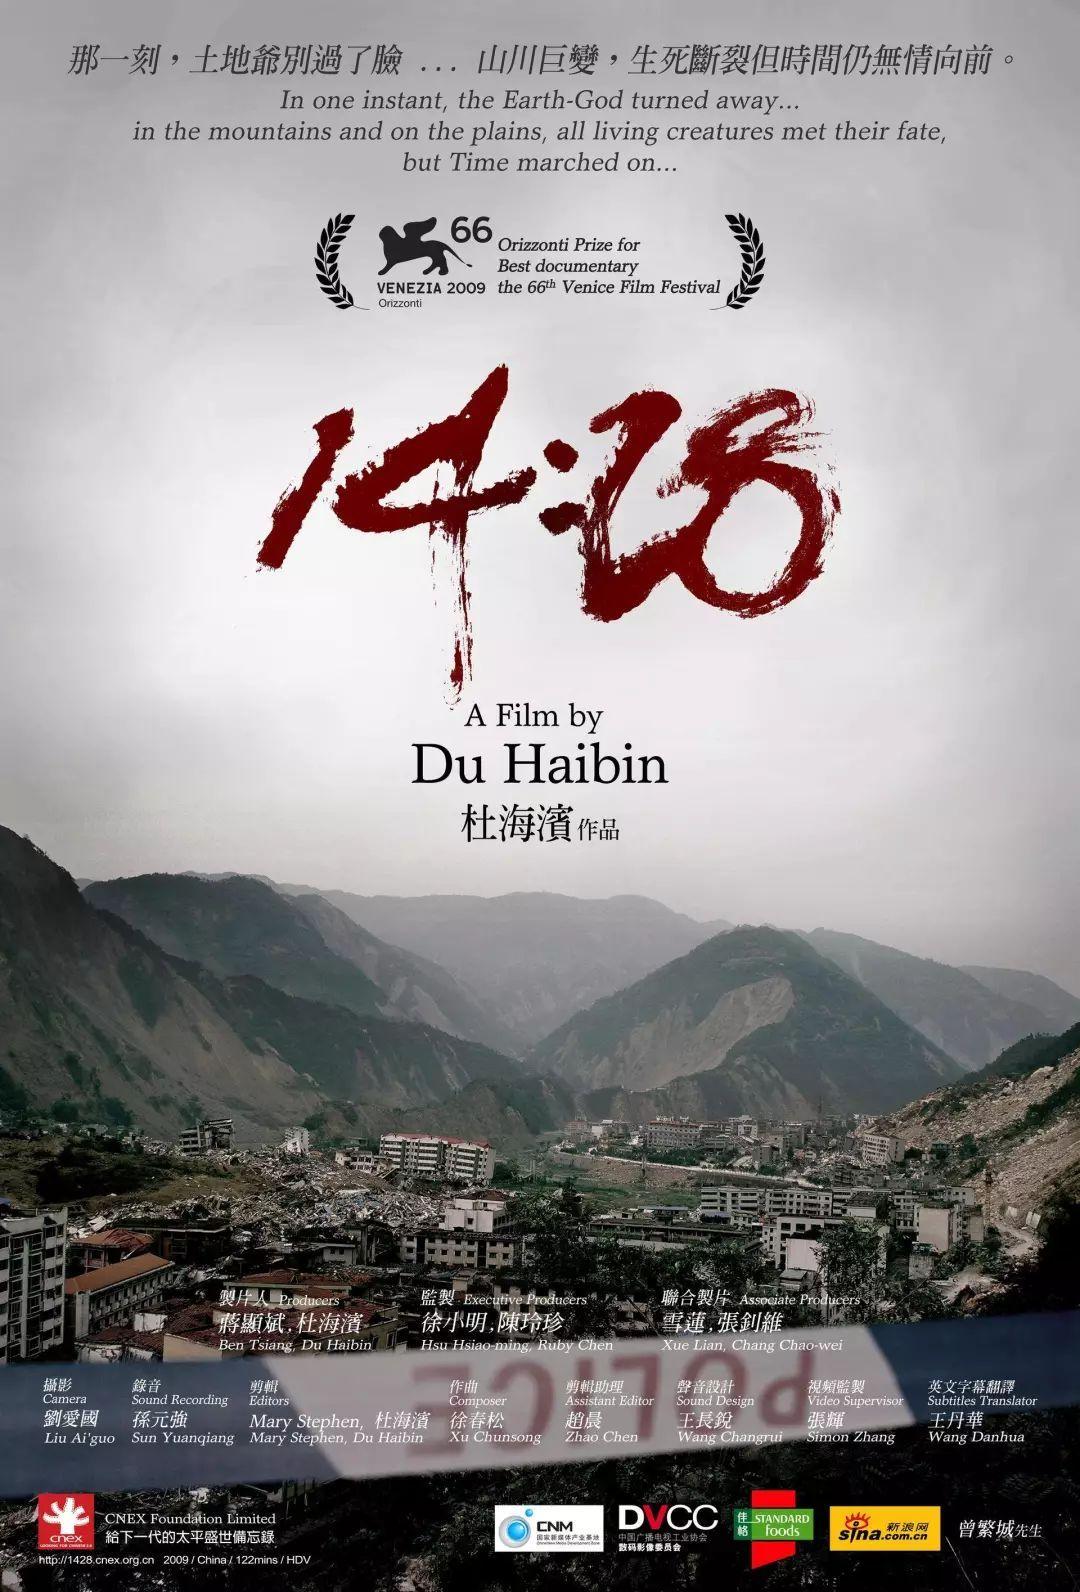 汶川十年:杜海滨《1428》特别放映 | 正午·影院